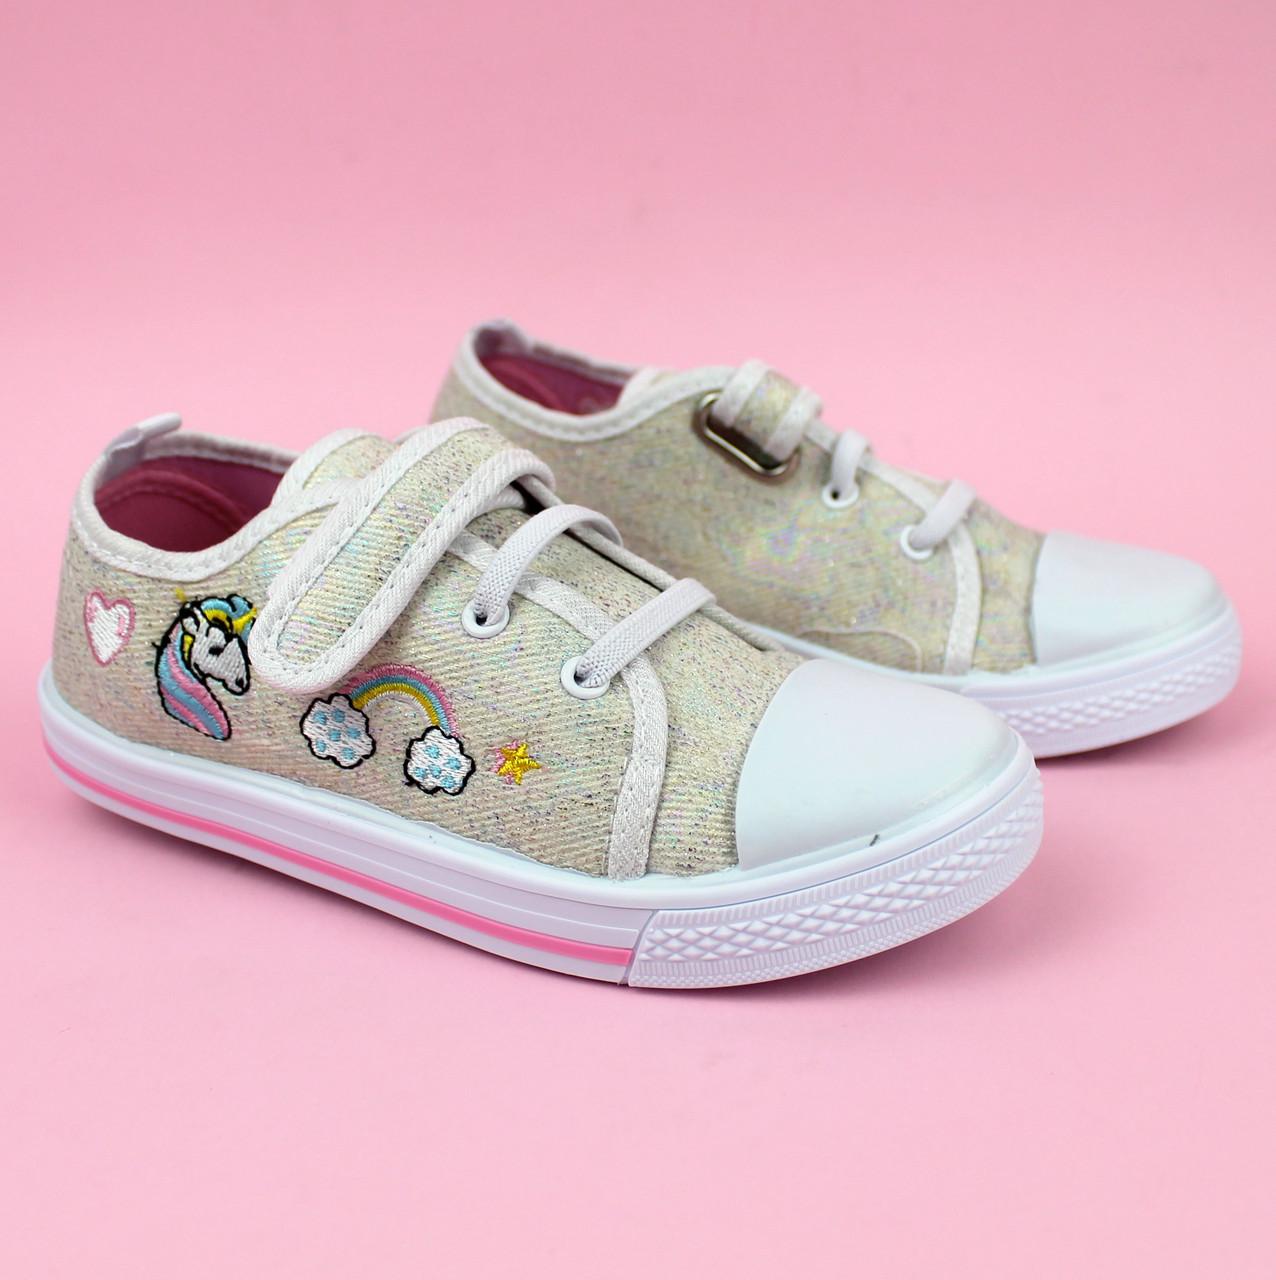 Детские кеды Единорог на девочку стильная текстильная обувь тм Том.м размер 25,27,28